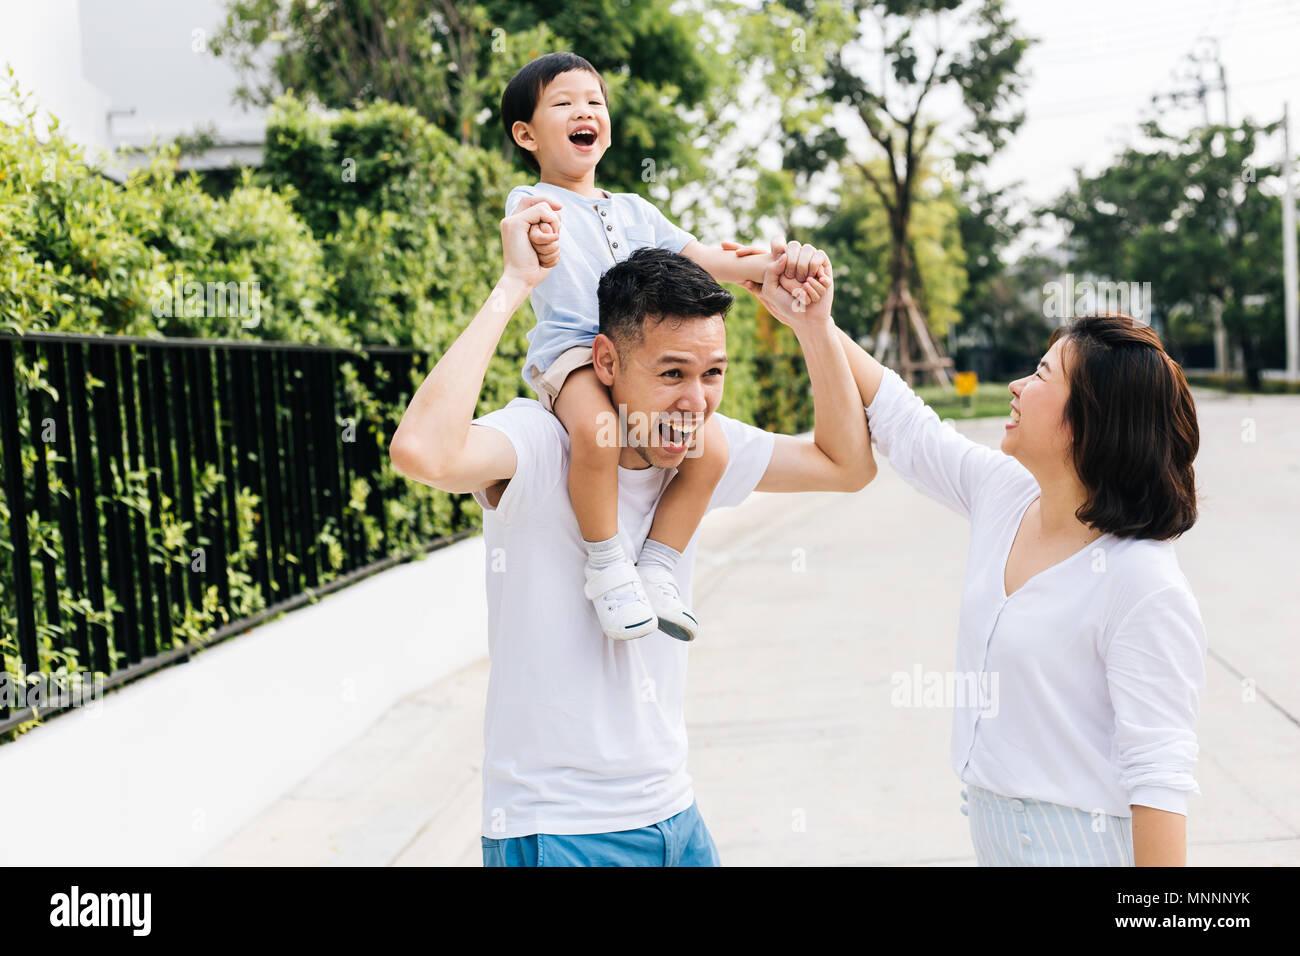 Cute Asian père usurpation de son fils avec sa femme dans le parc. La famille excité les mains avec bonheur Banque D'Images